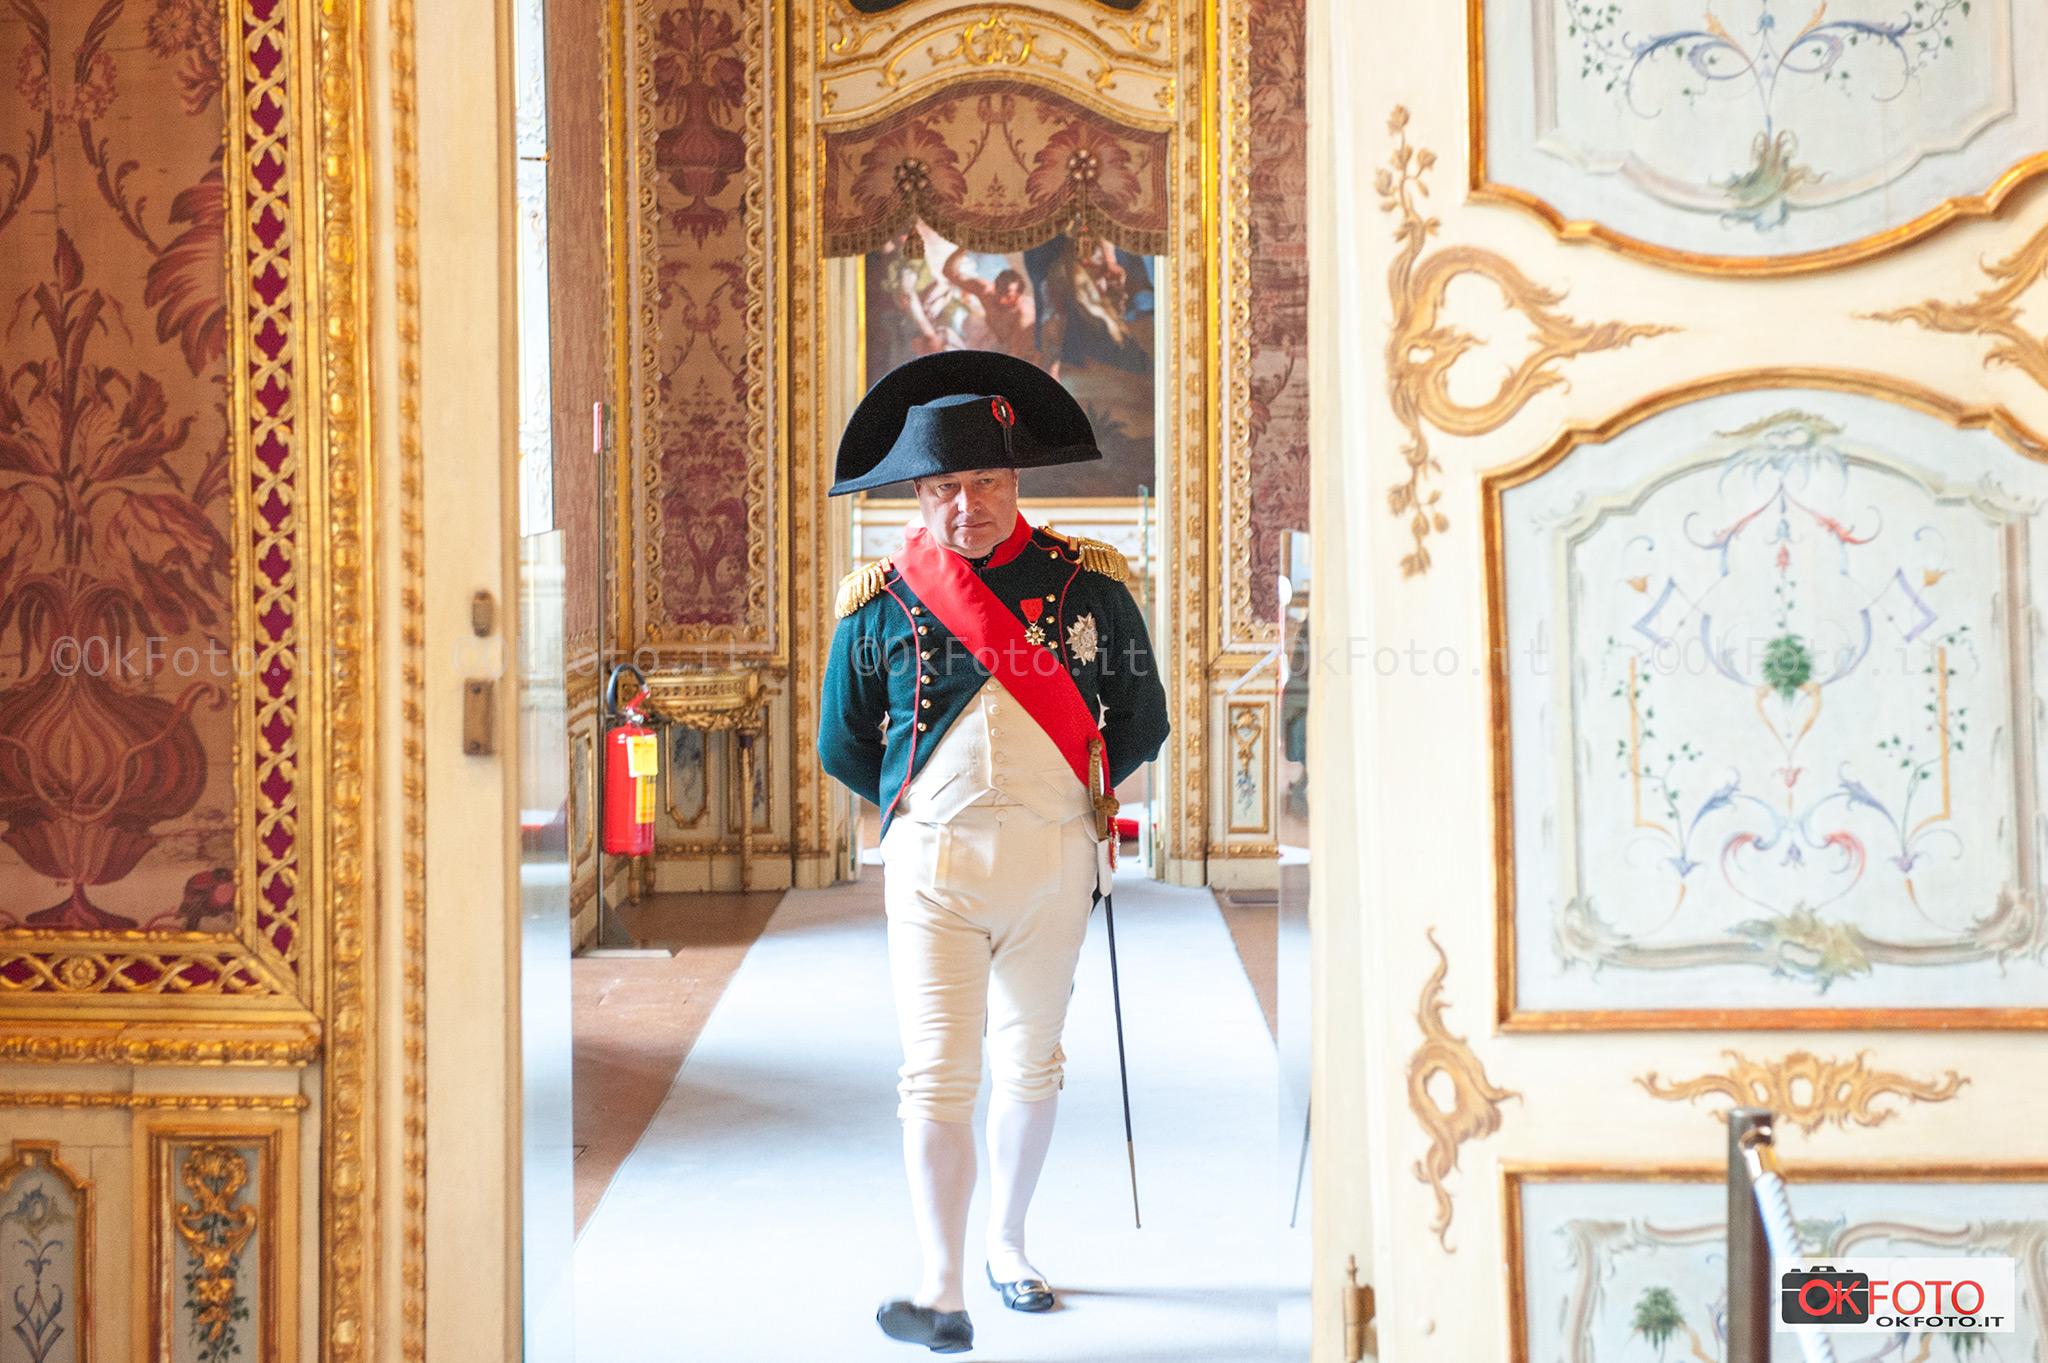 Il soggiorno di Napoleone alla Palazzina di caccia di Stupinigi